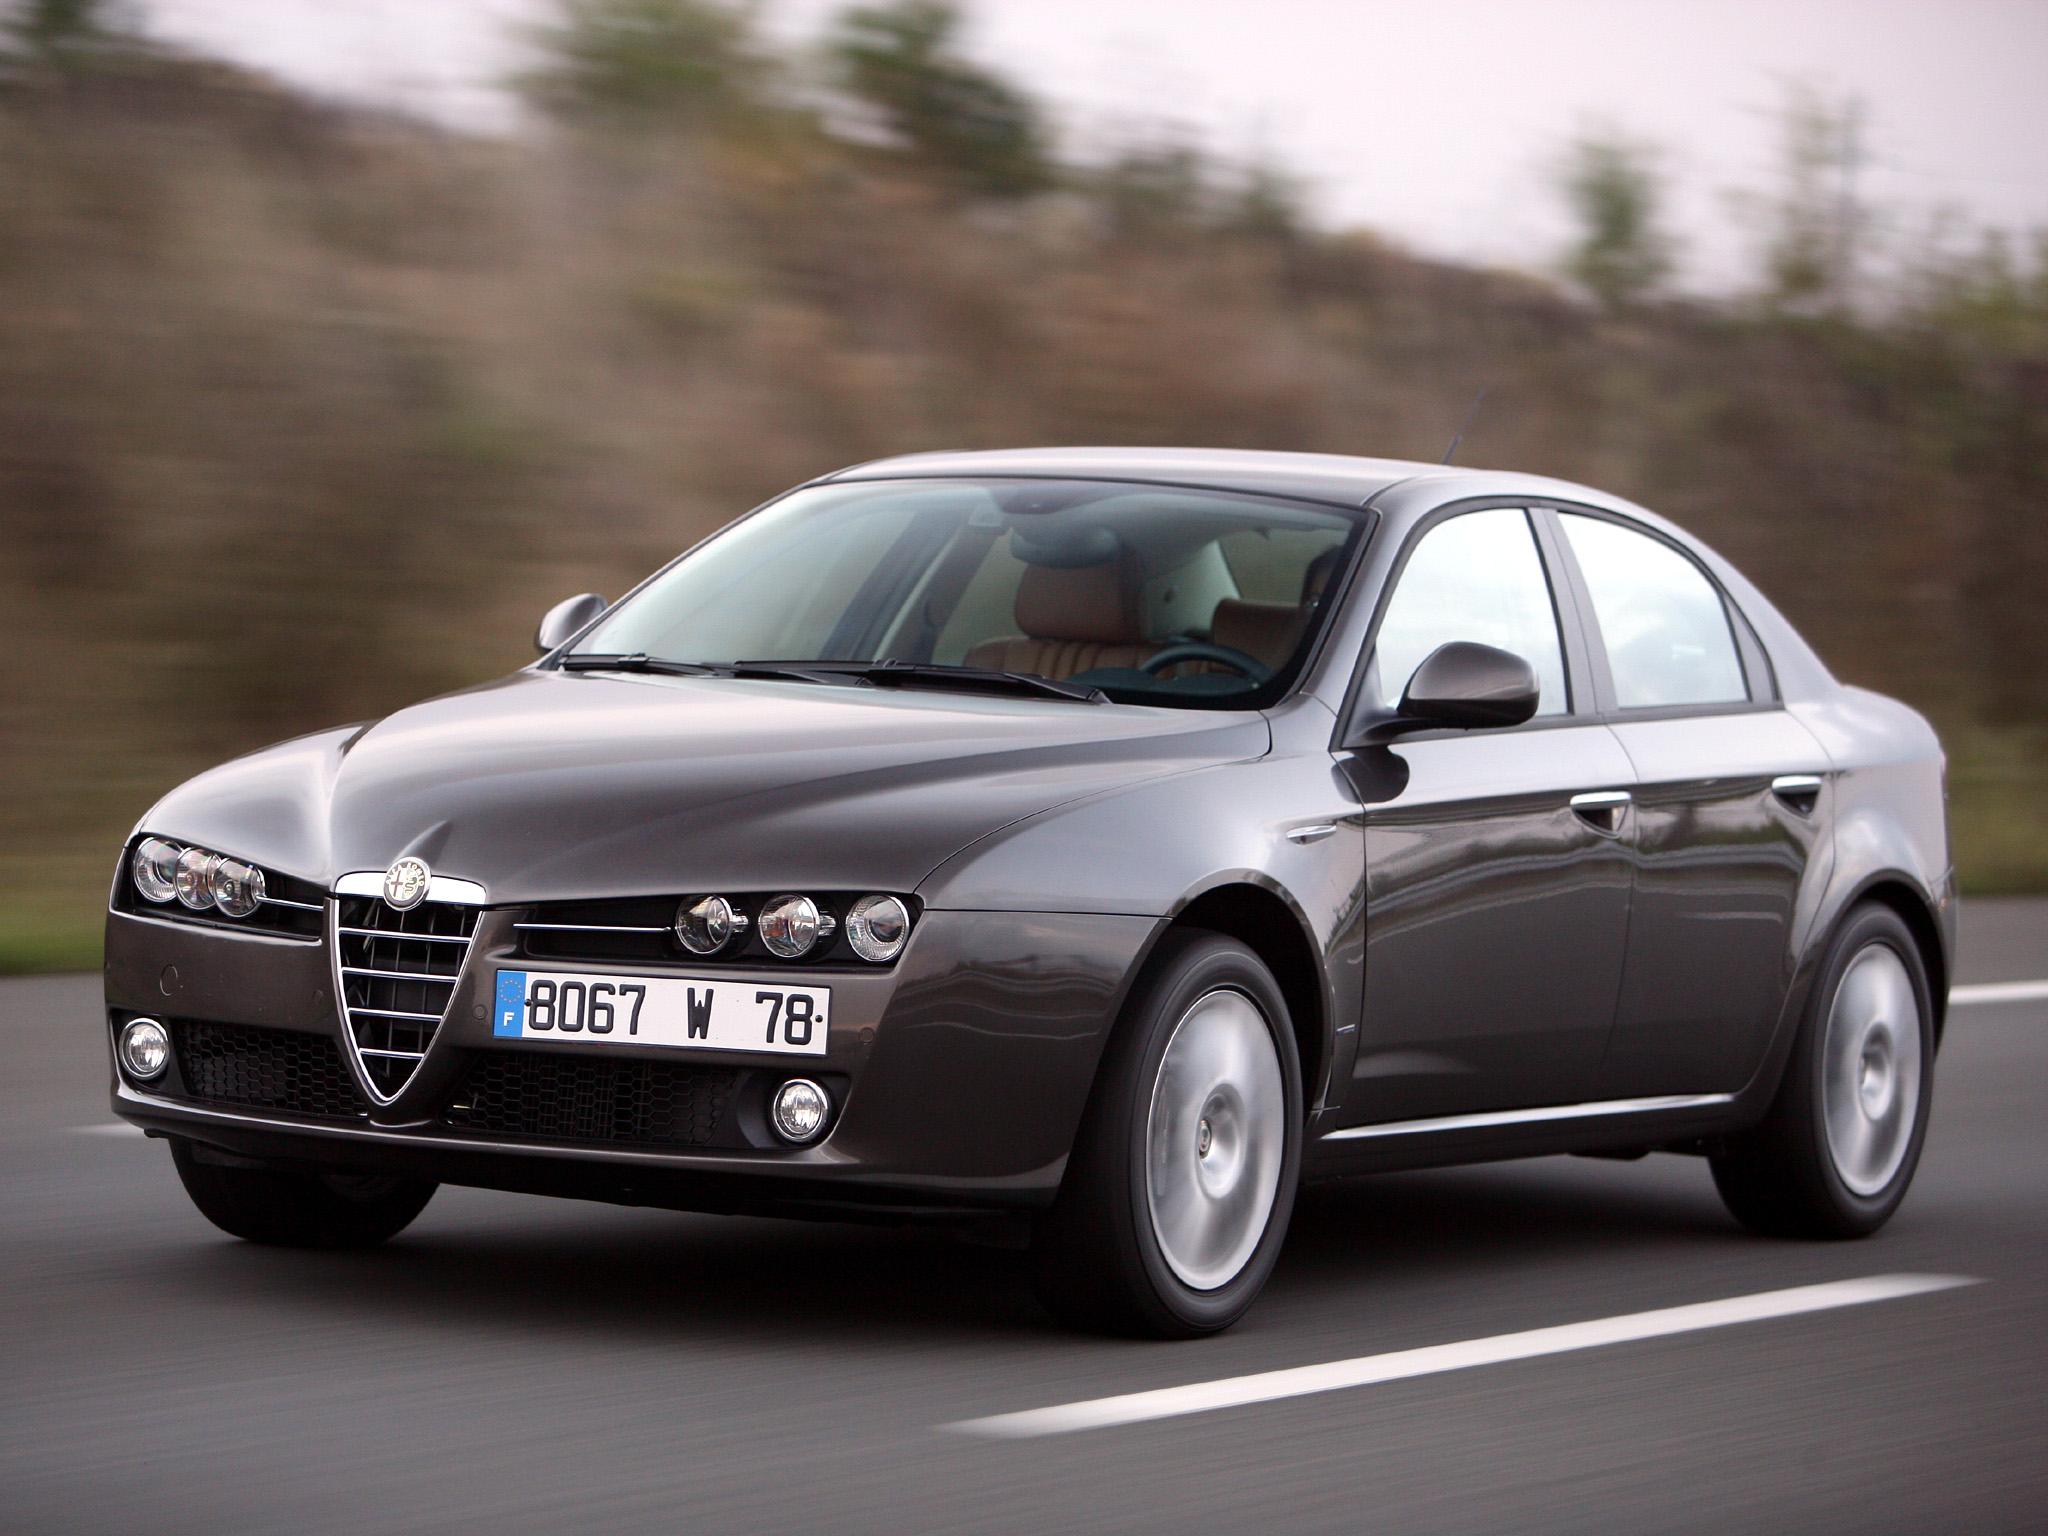 Svårt eleganta Alfa 159 tog över som en betydligt mer premium-inriktad vagn än föregångaren 156. Produktion 2005-2011.